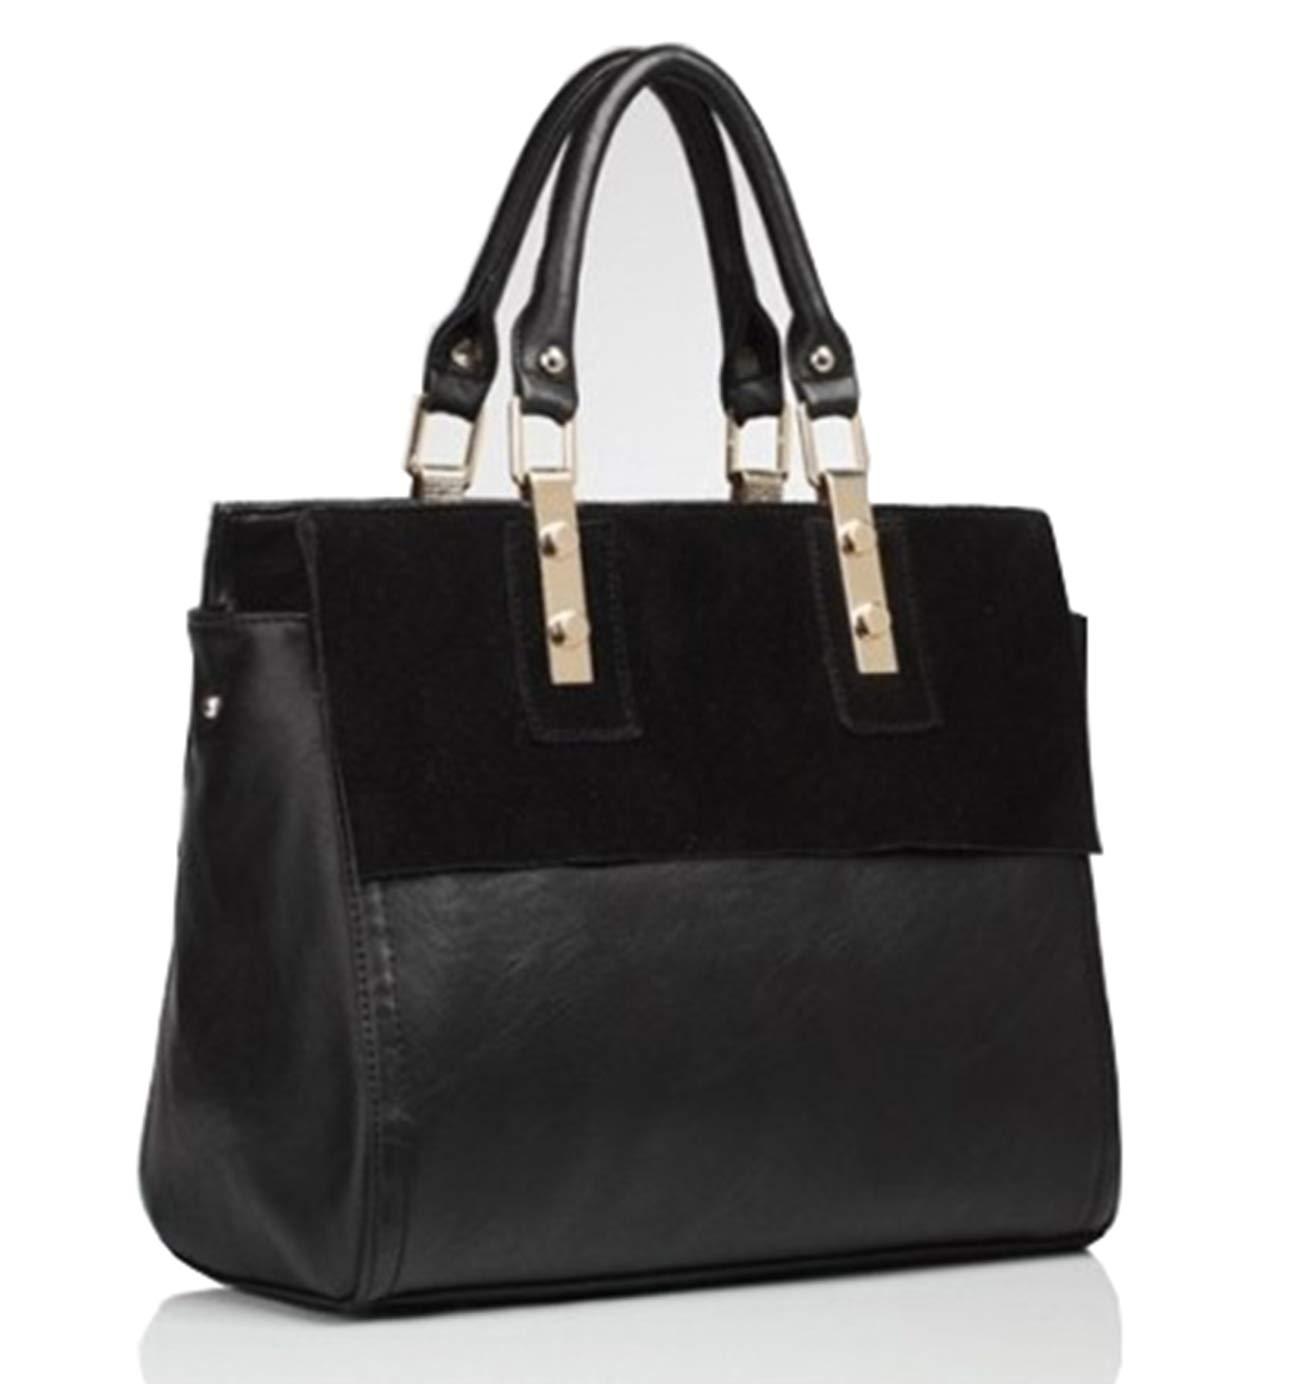 Guguyeah Womens Classy Genuine Leather Top Handle Satchel Shoulder Tote Bag(Black) by Guguyeah